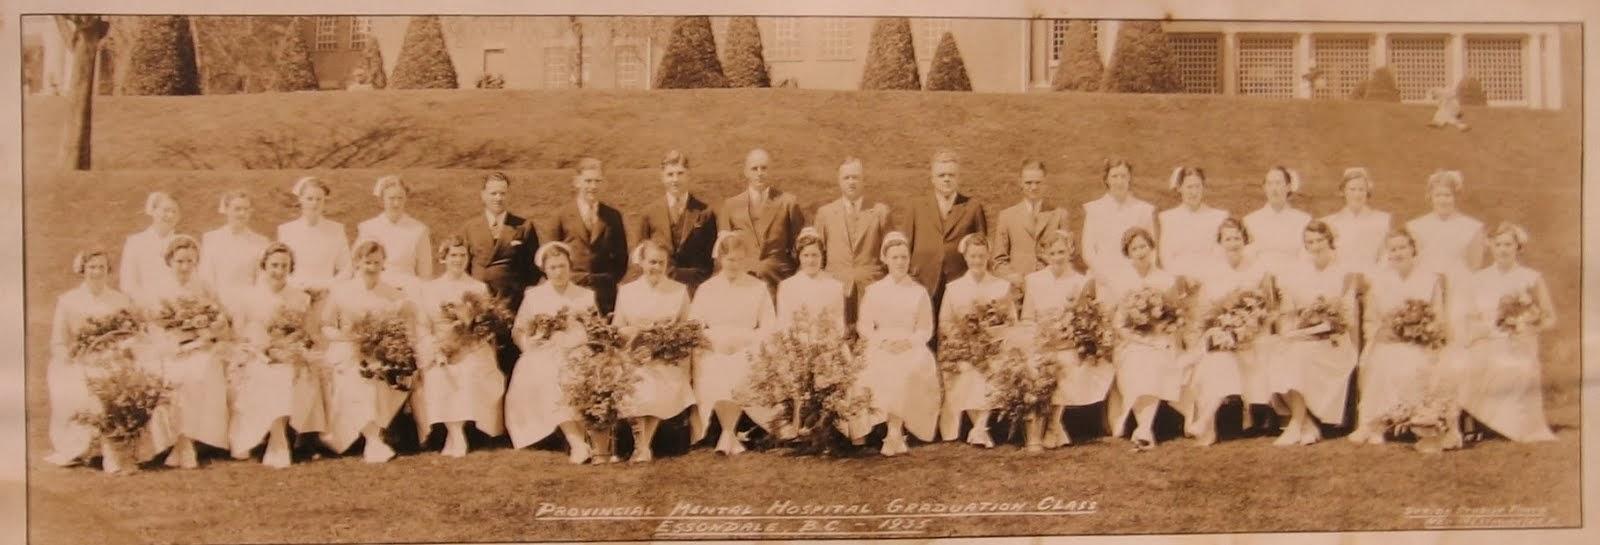 1935 graduates